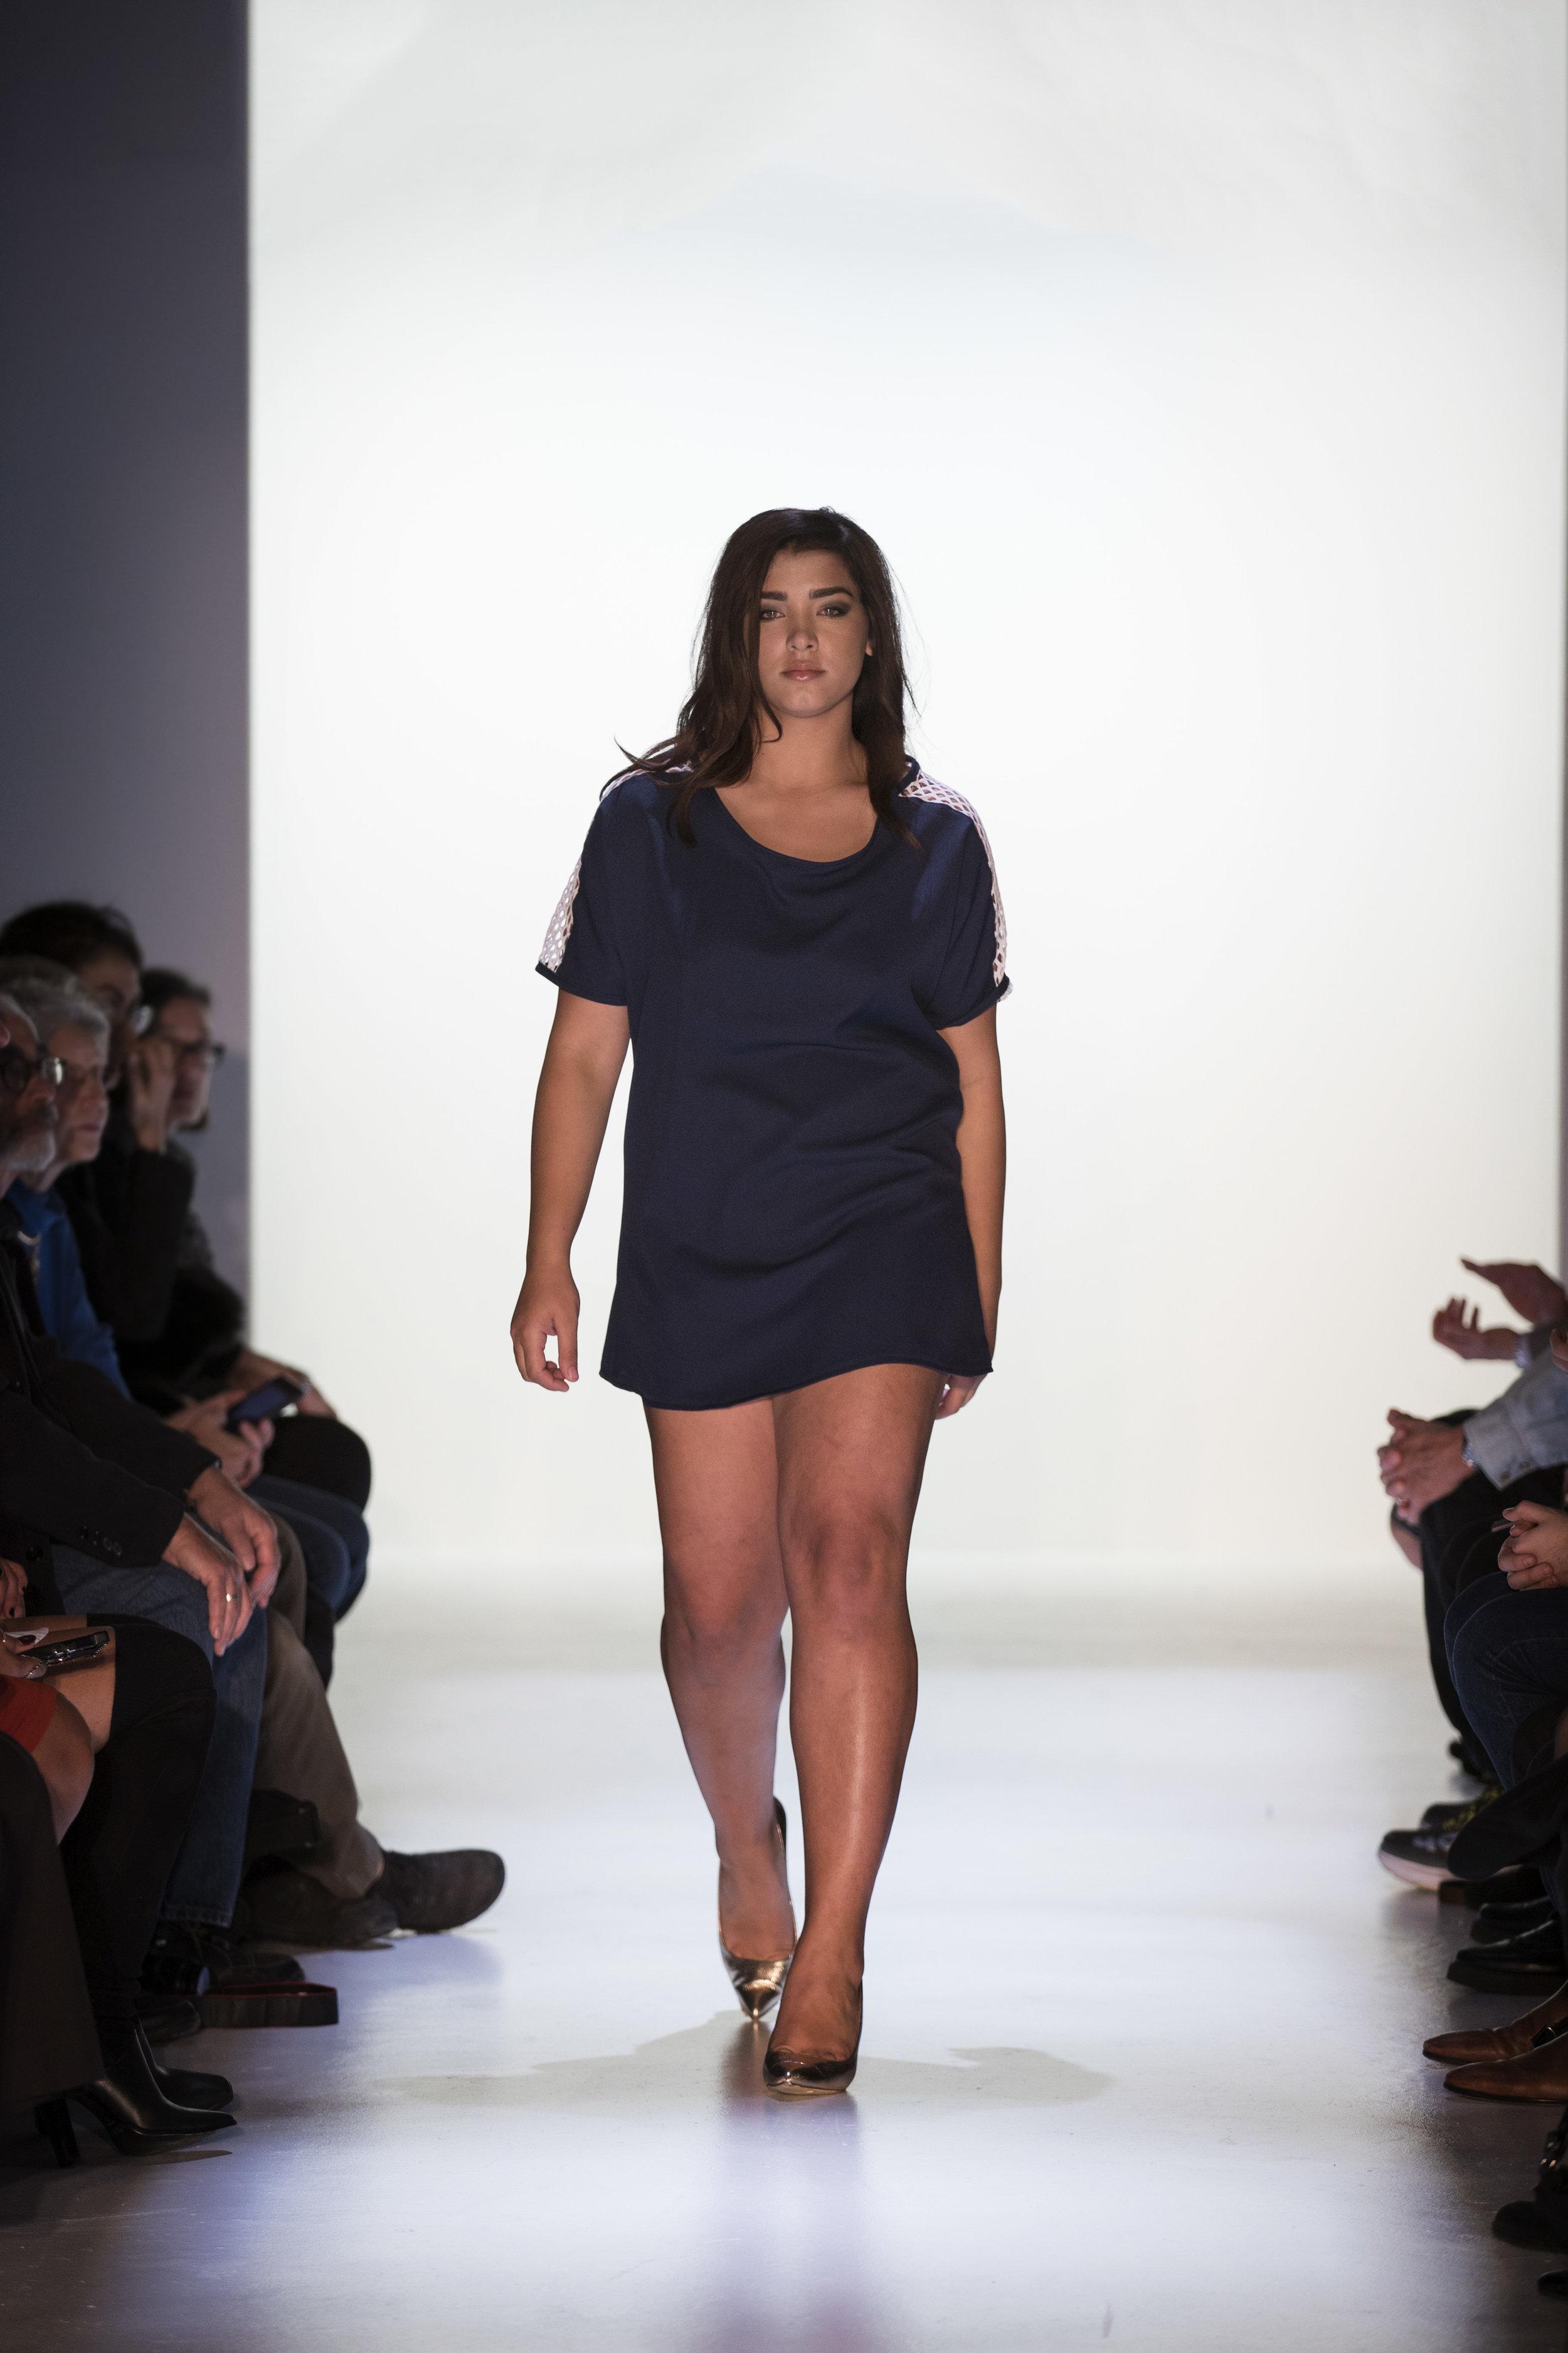 Massif Fashion Week 2017 Day 3 Stephanie Carlson - 016.jpg